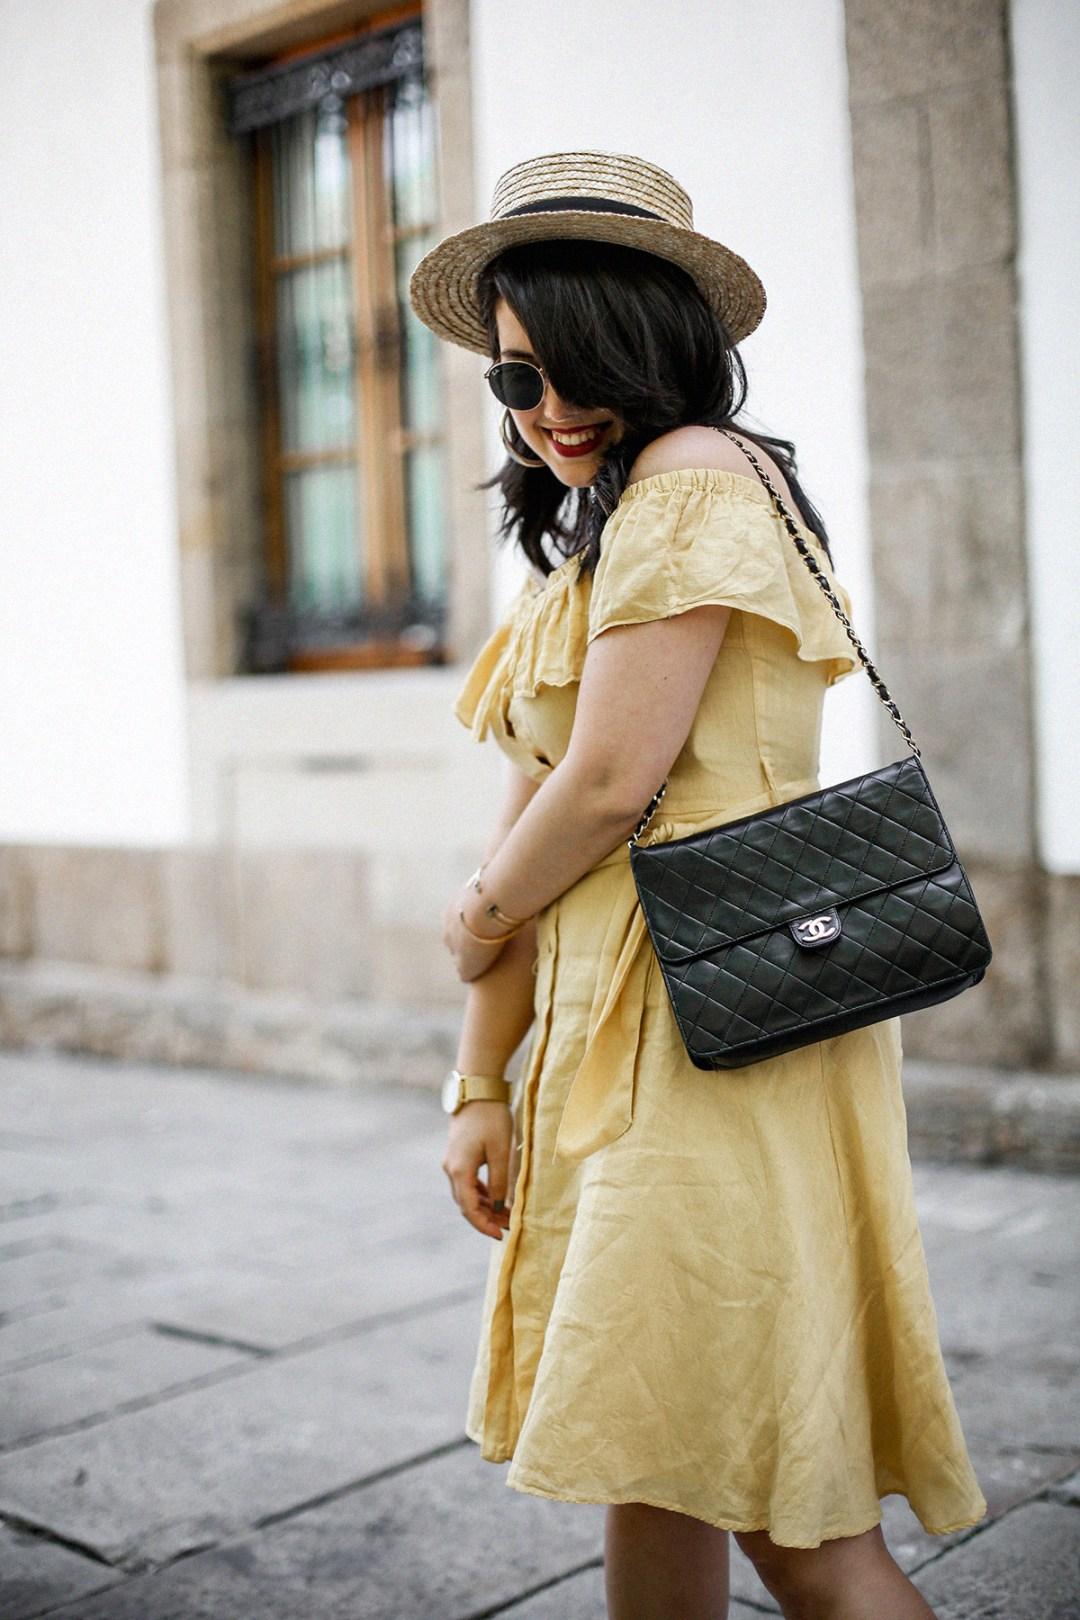 vestido-amarillo-hombros-descubiertos-zara-chanel-vintage-vestiaire-collective9